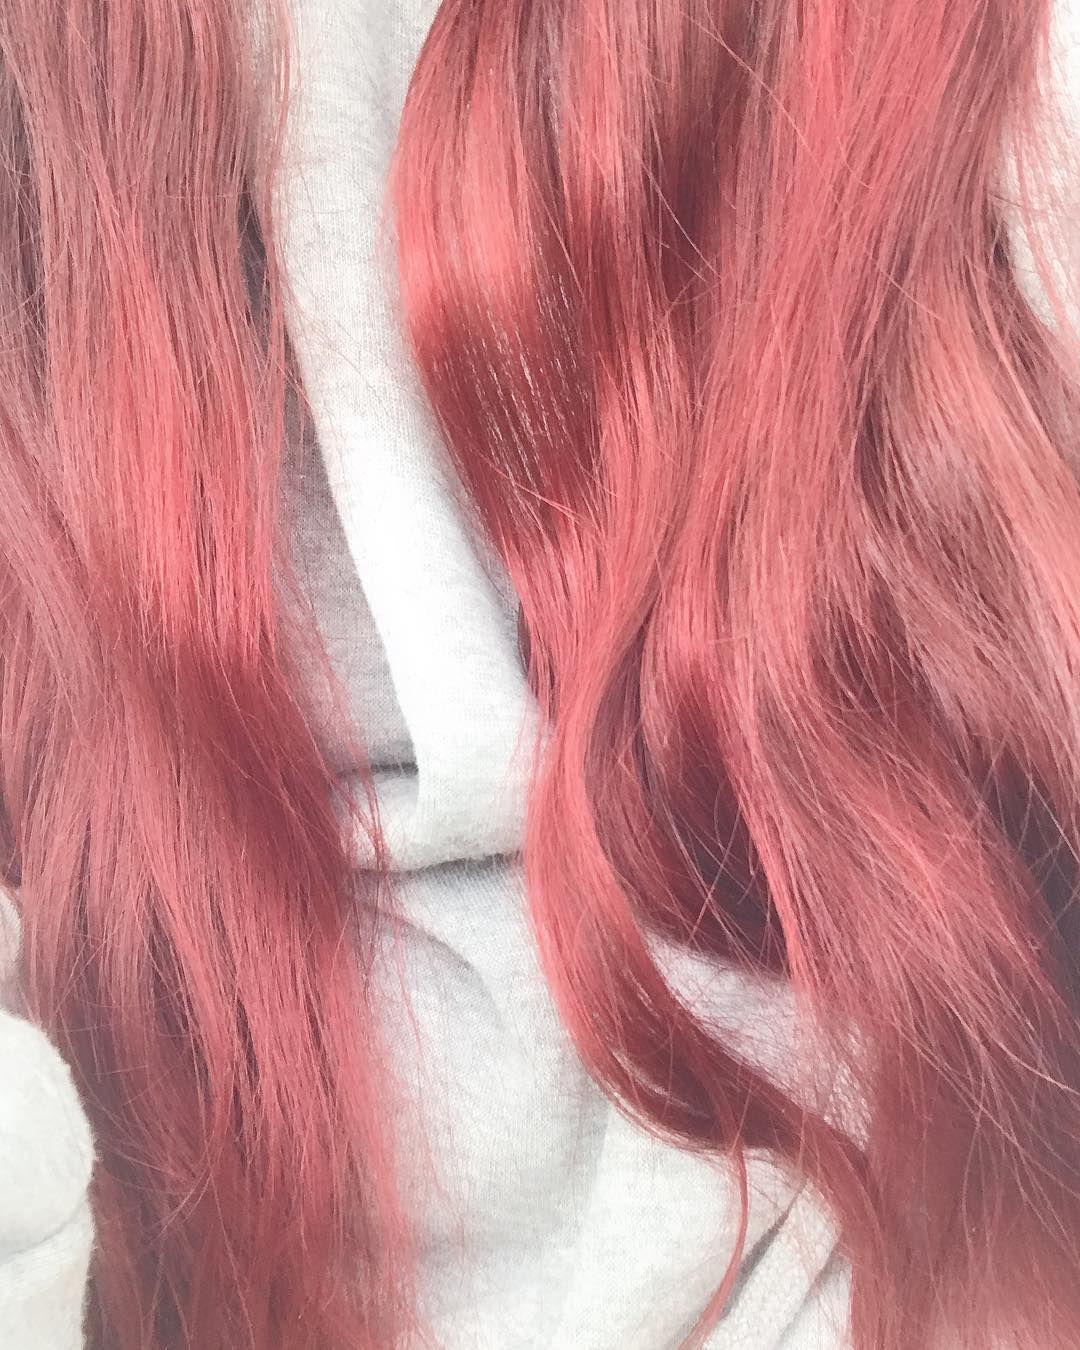 髪の毛カラーチェンジ だいぶ色落ちしてきたので 久々